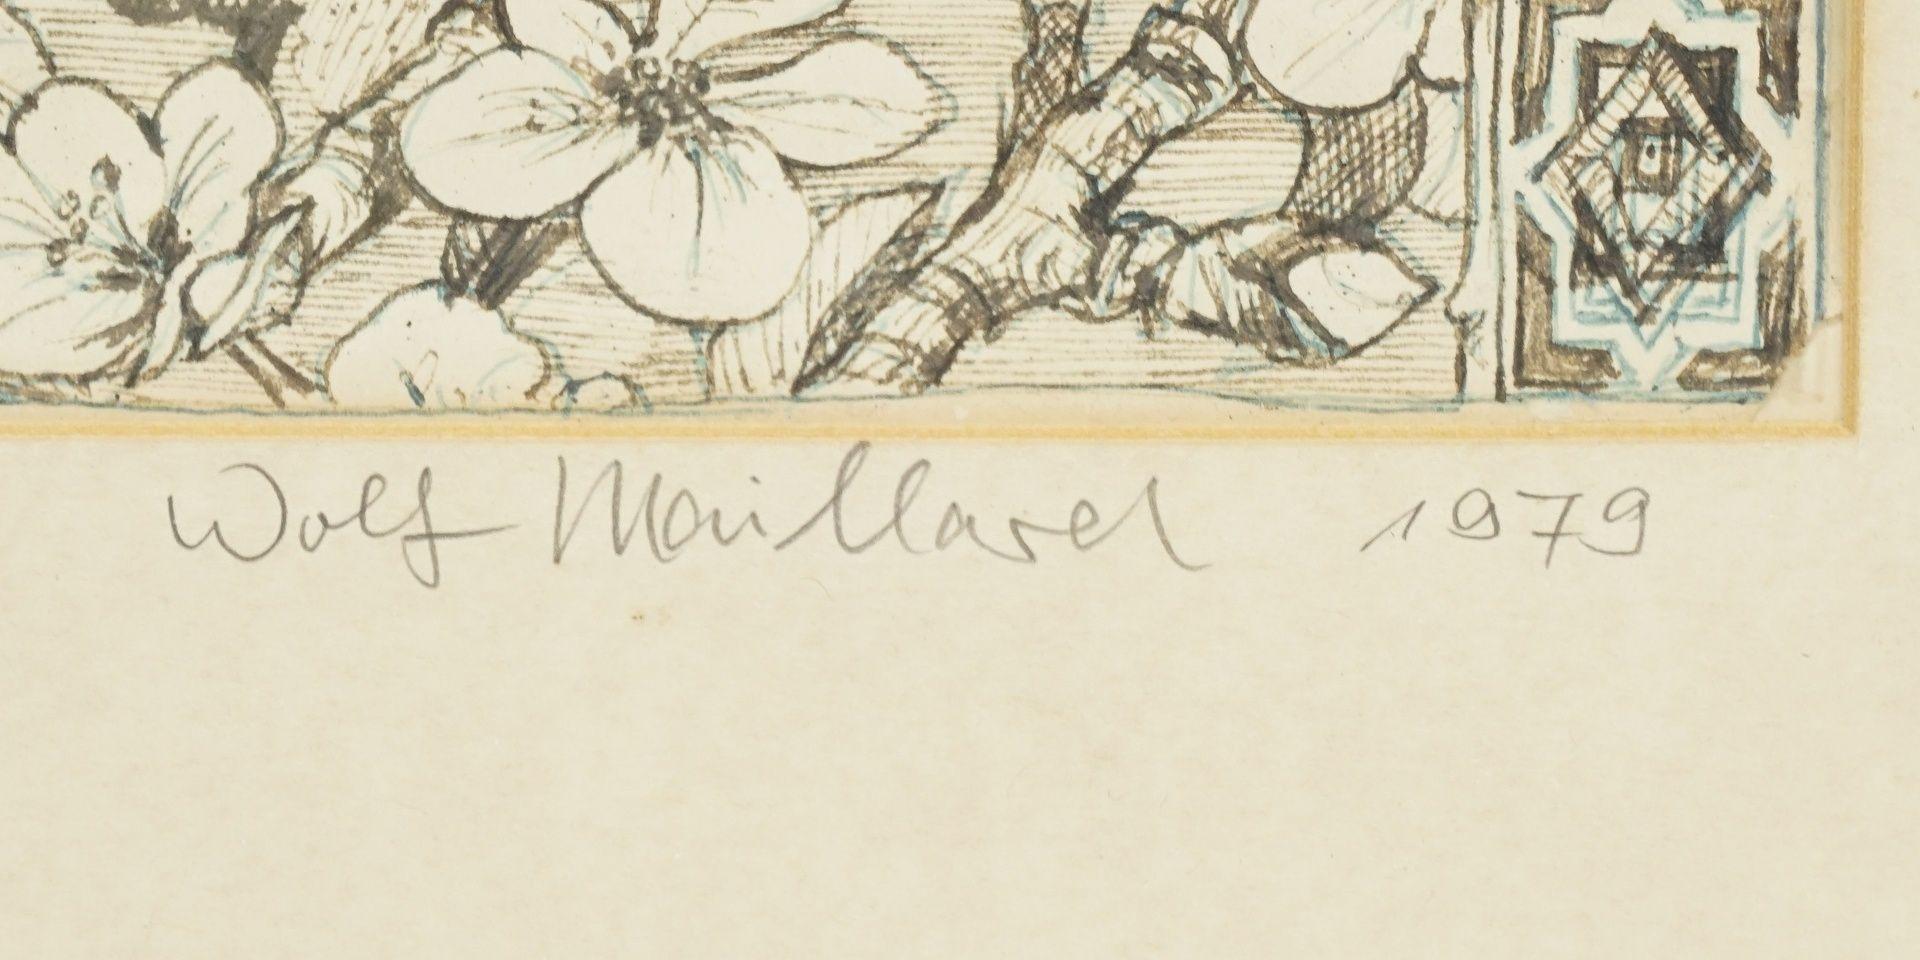 """Wolf Maillard, """"Worpswerder Mühle - letzter Entwurf"""" - Bild 3 aus 3"""